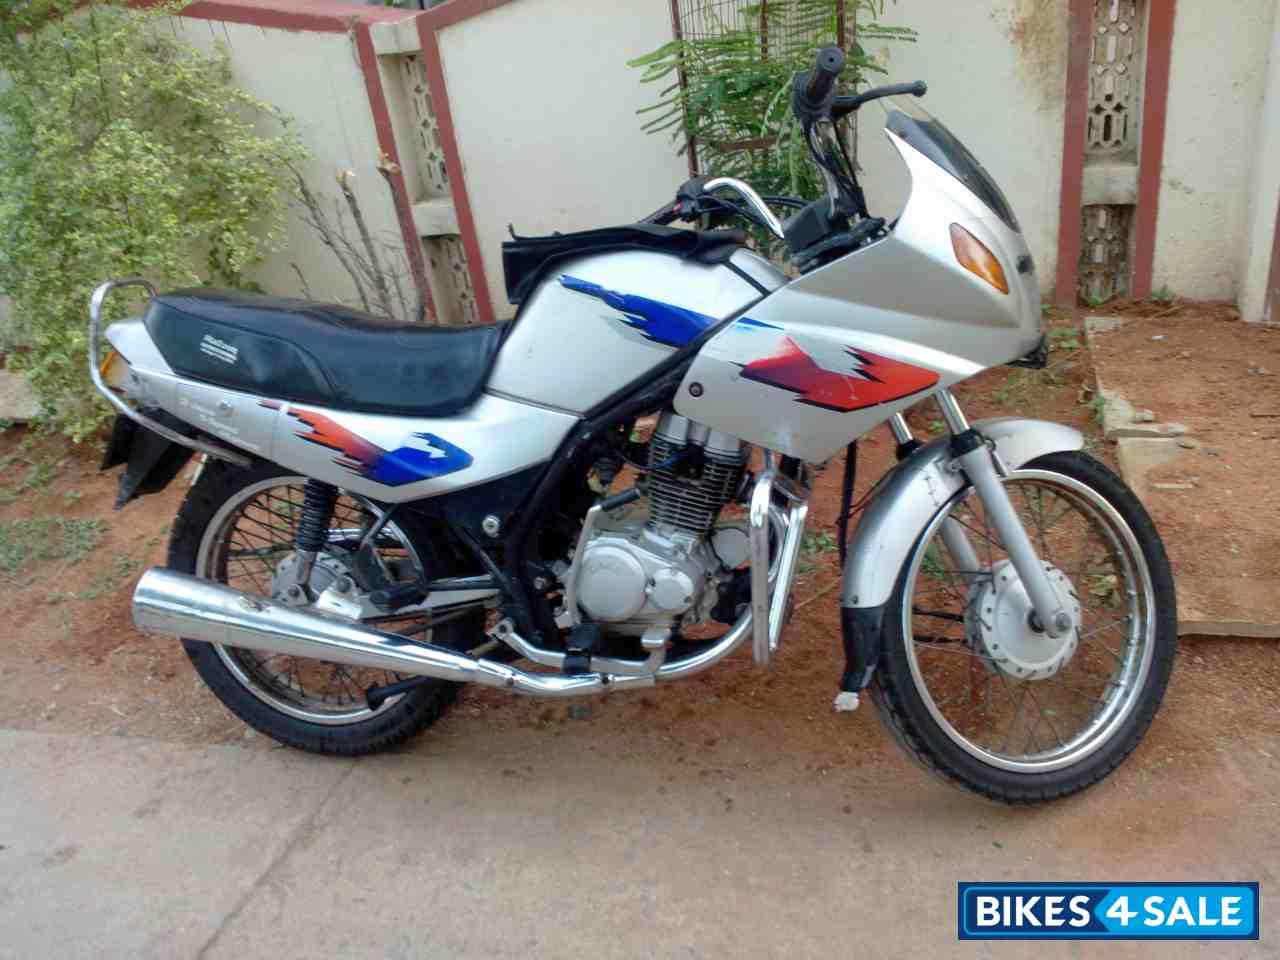 Second Hand Lml Adreno In Hyderabad Silver Colour Price